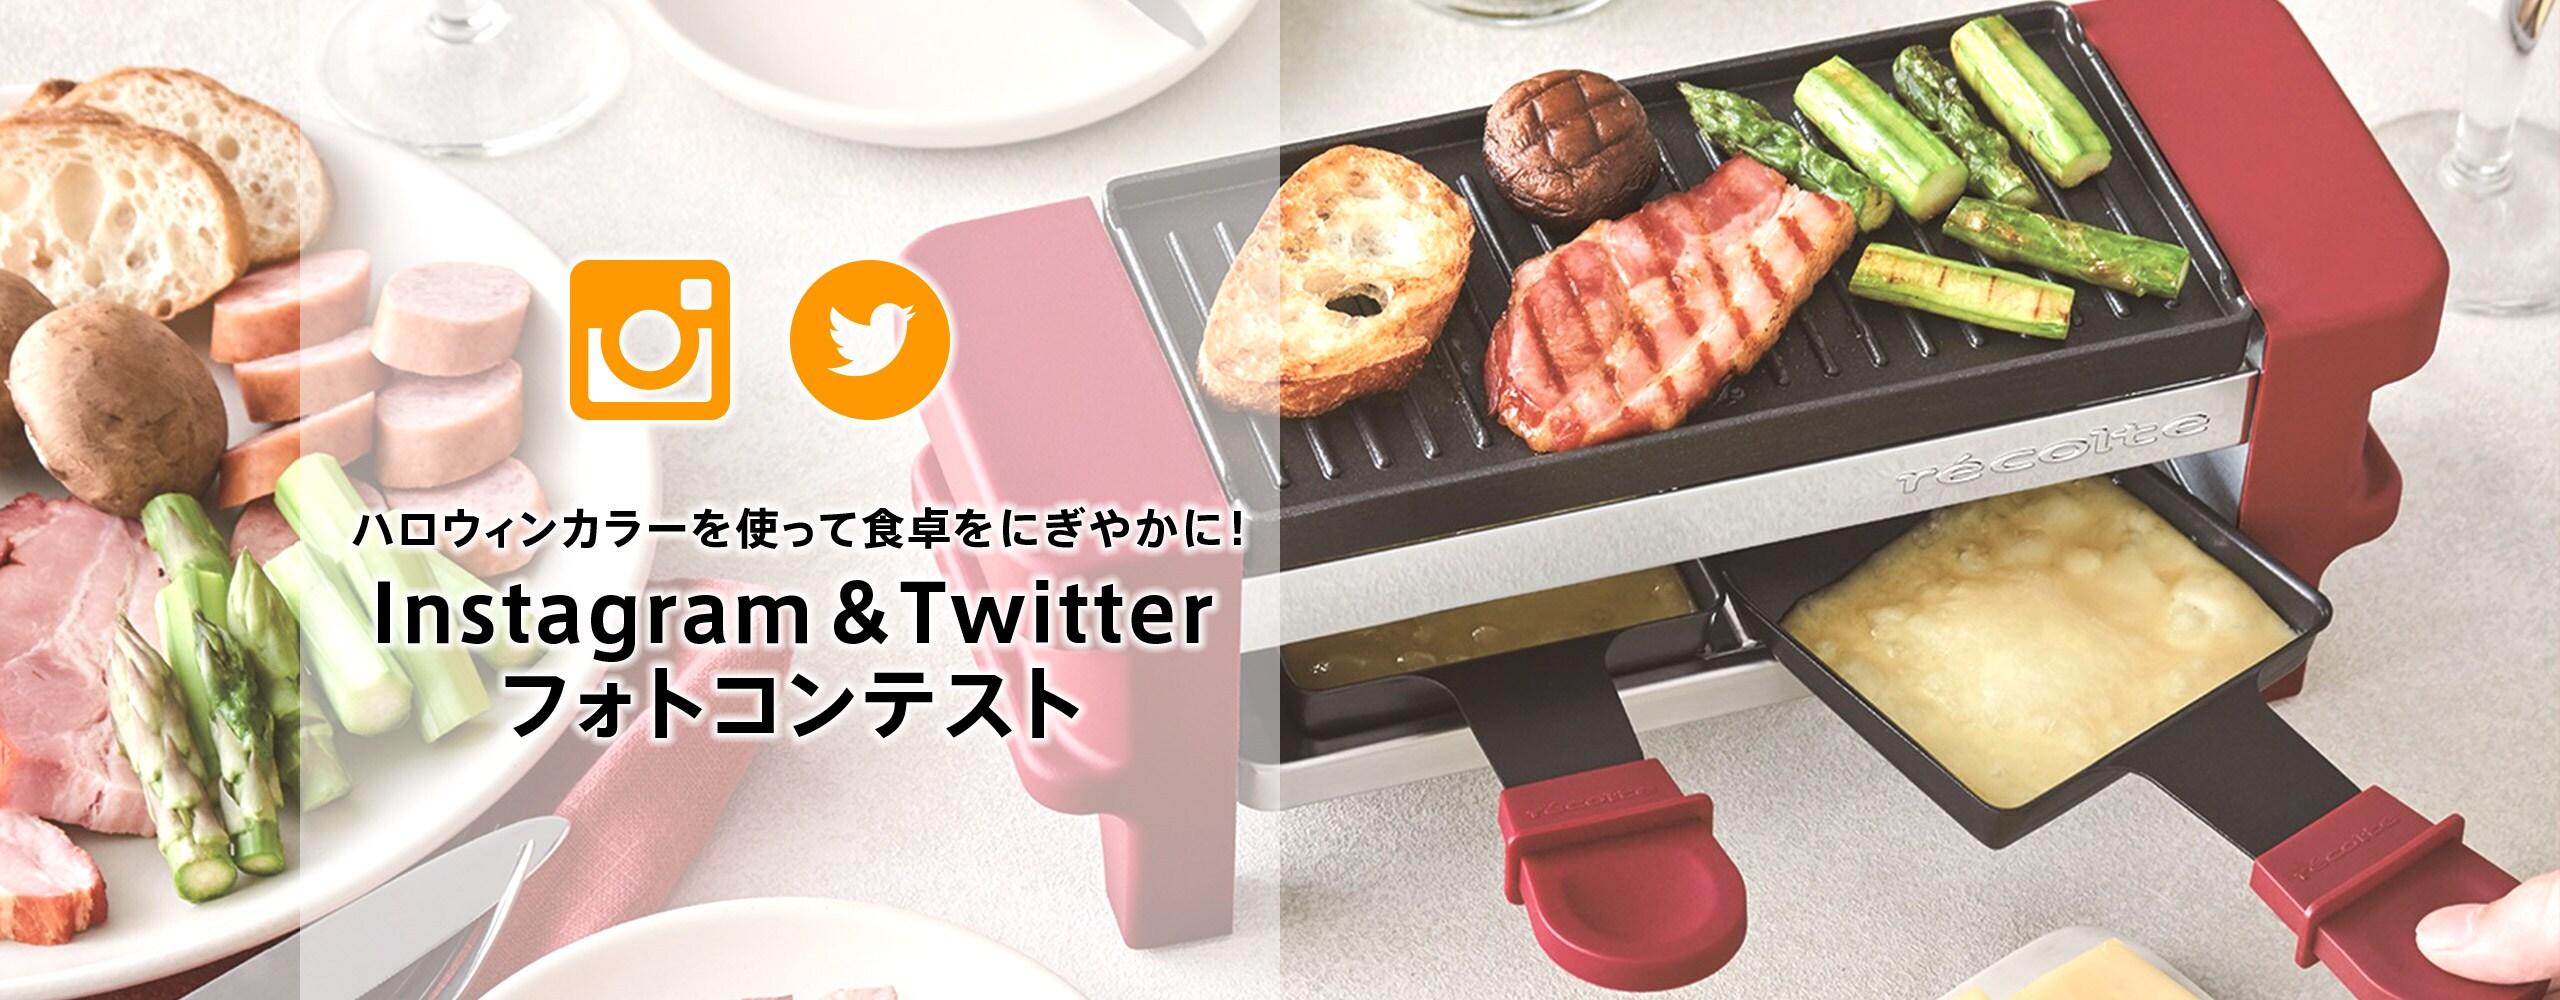 ハロウィンカラーを使って食卓をにぎやかに!Instagram&Twitterフォトコンテスト